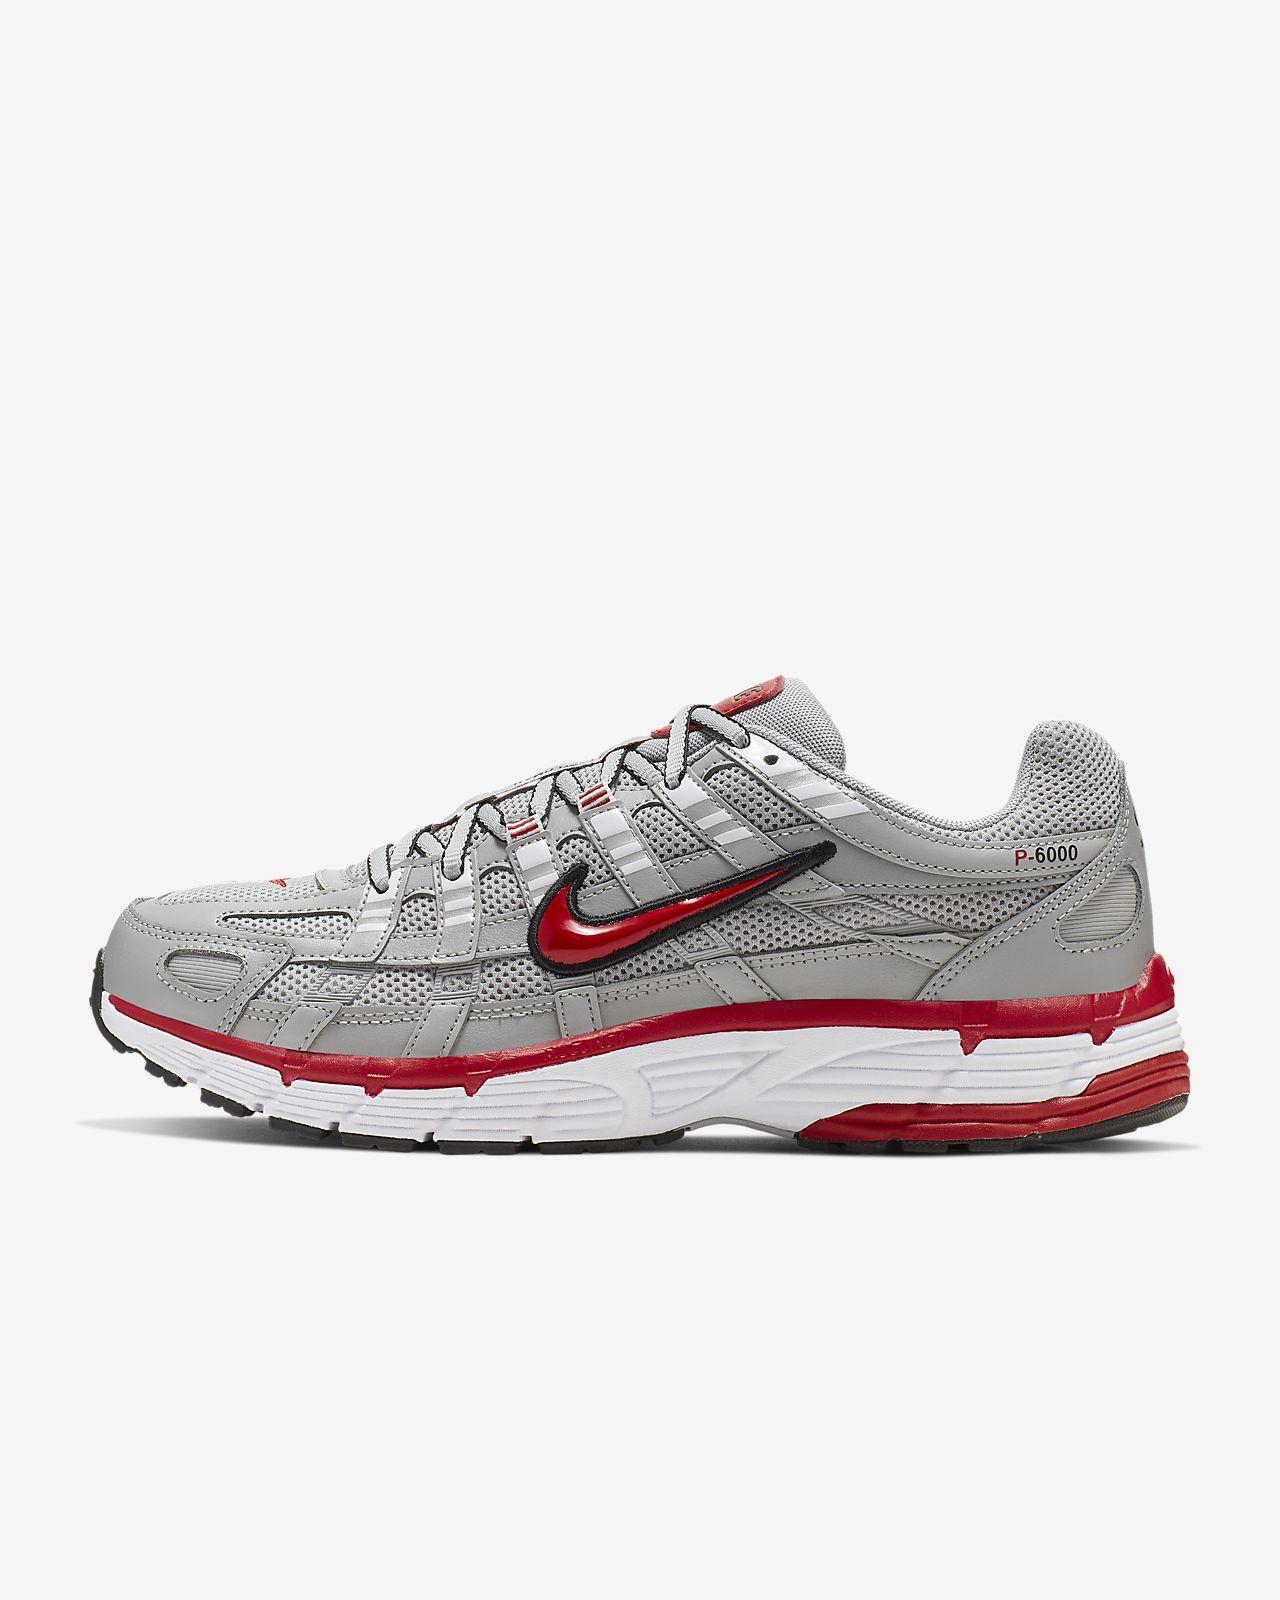 Nike P 6000 Shoe